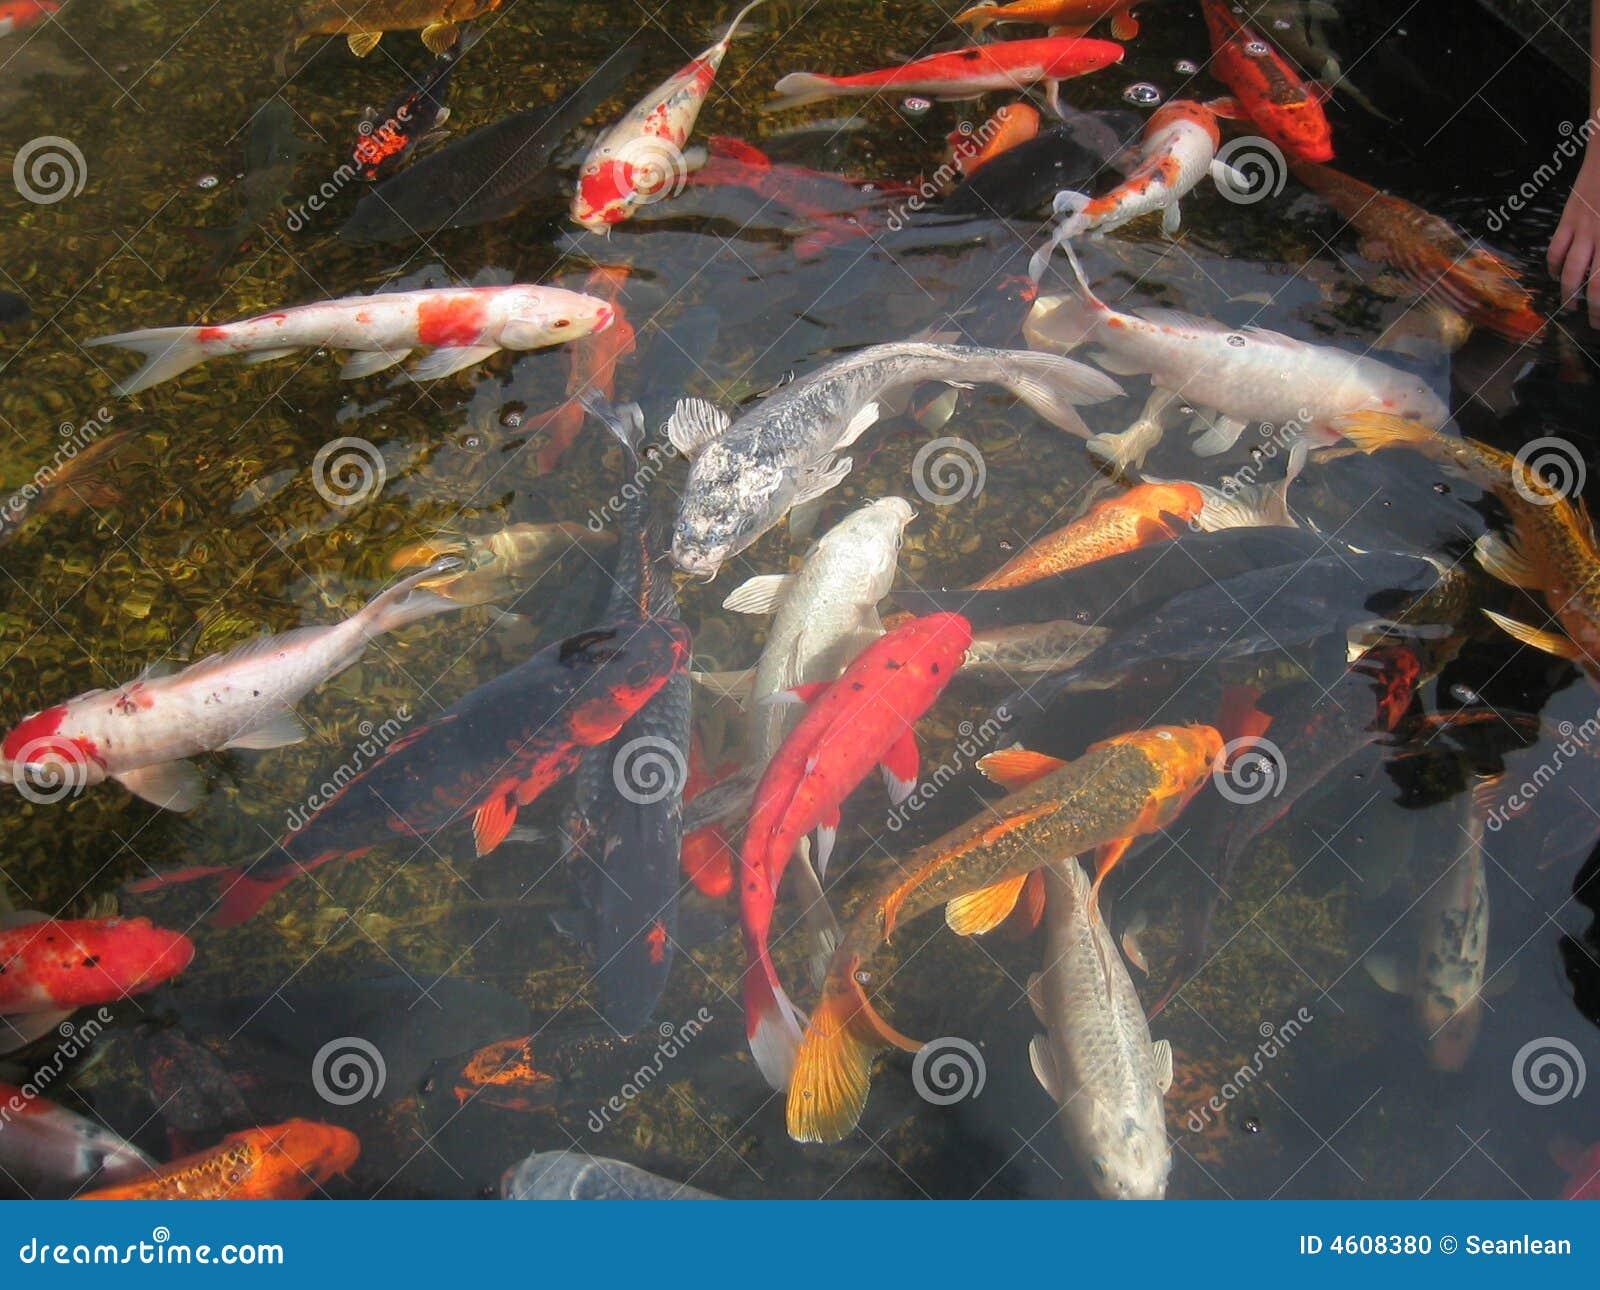 Koi fische im teich stockfoto bild 4608380 for Fische in teich